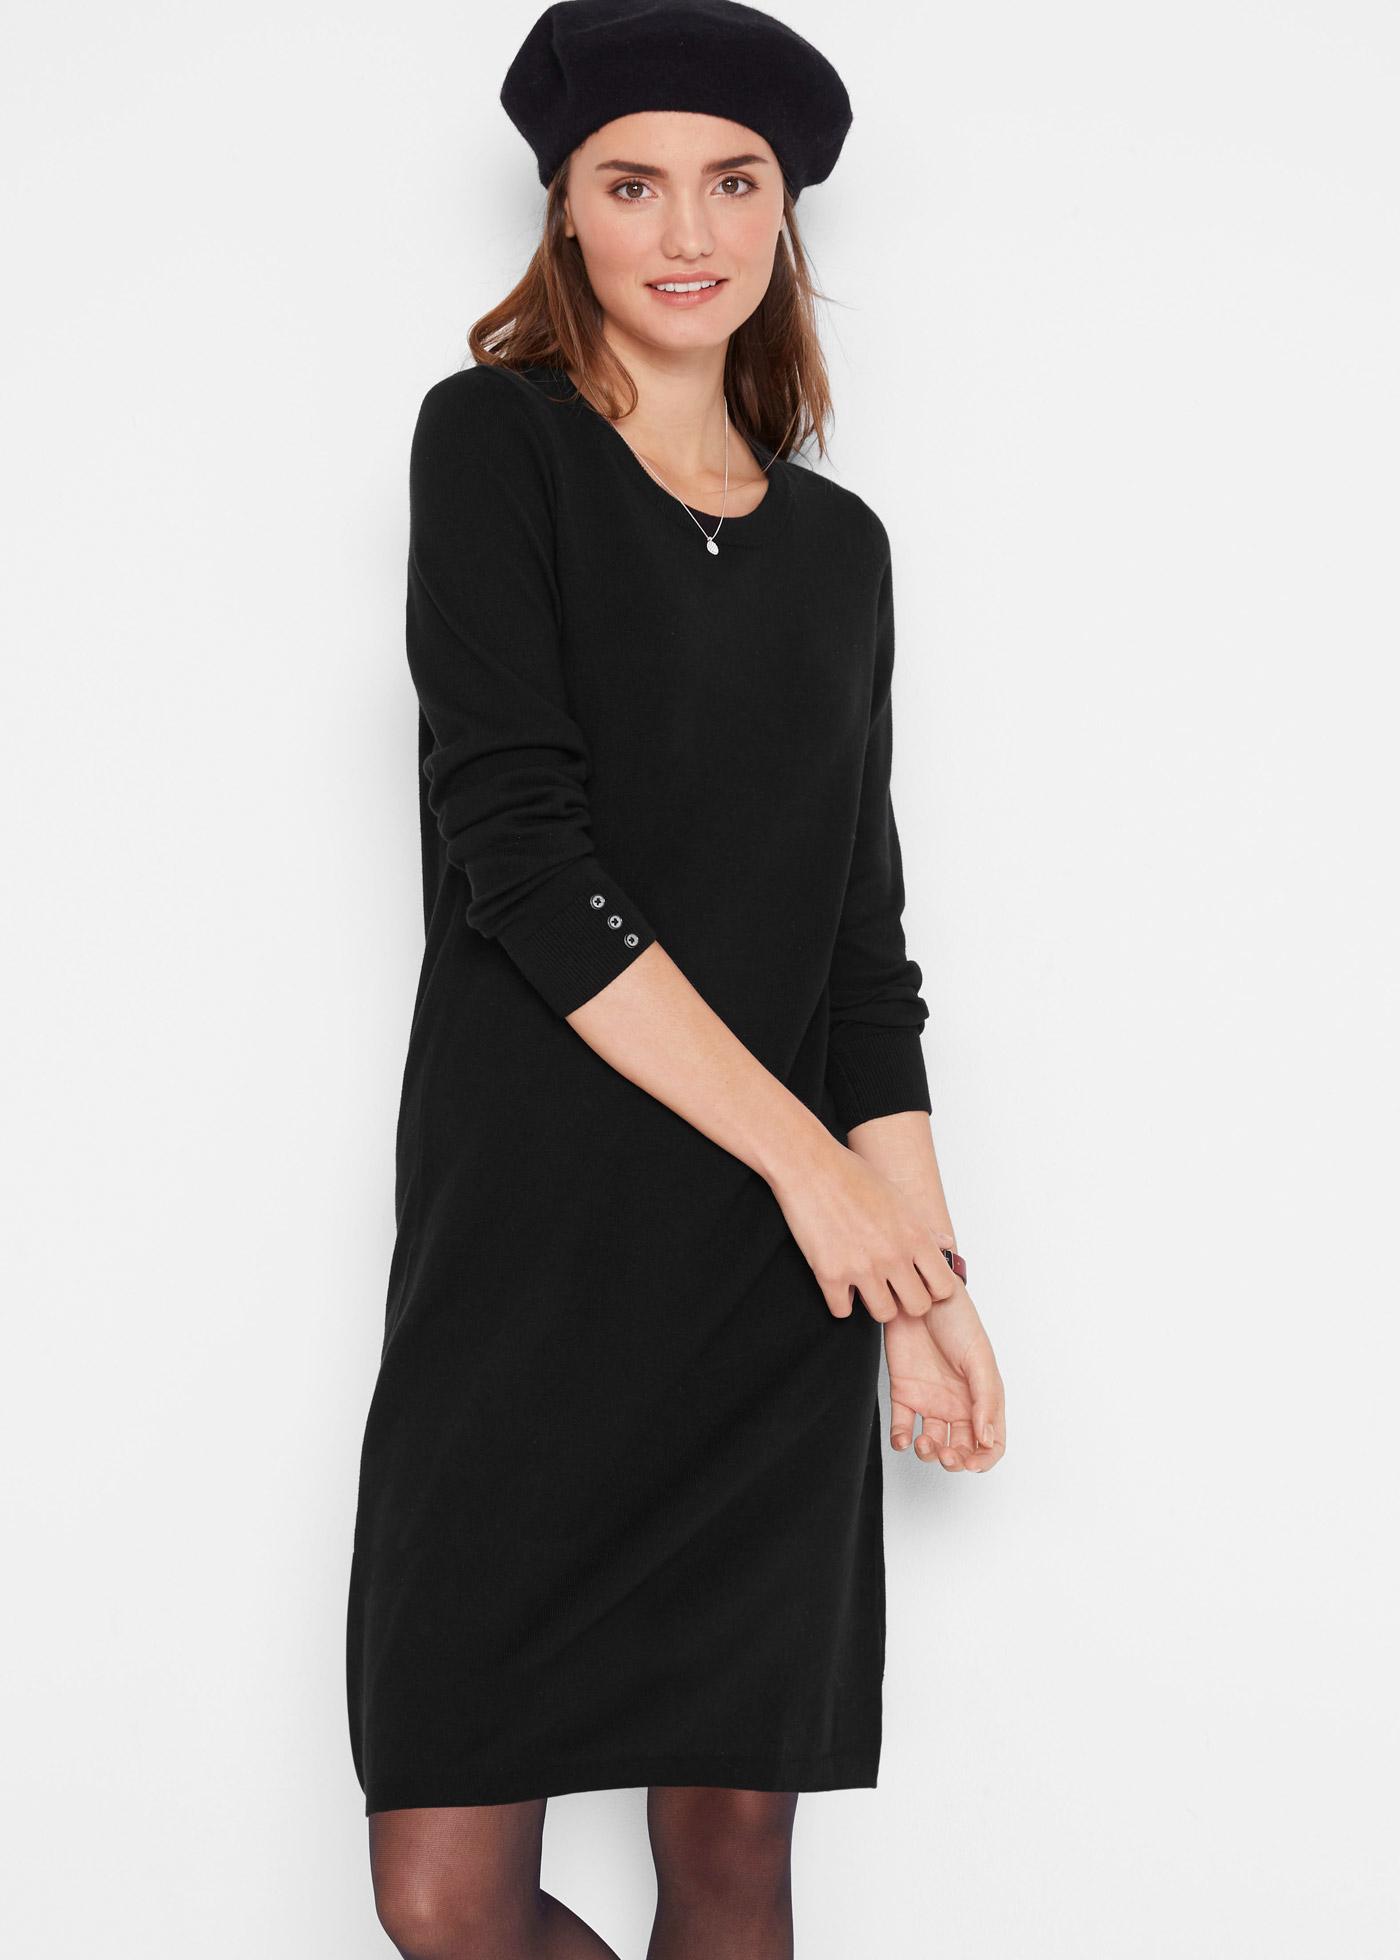 Pletené šaty s knoflíky - Černá